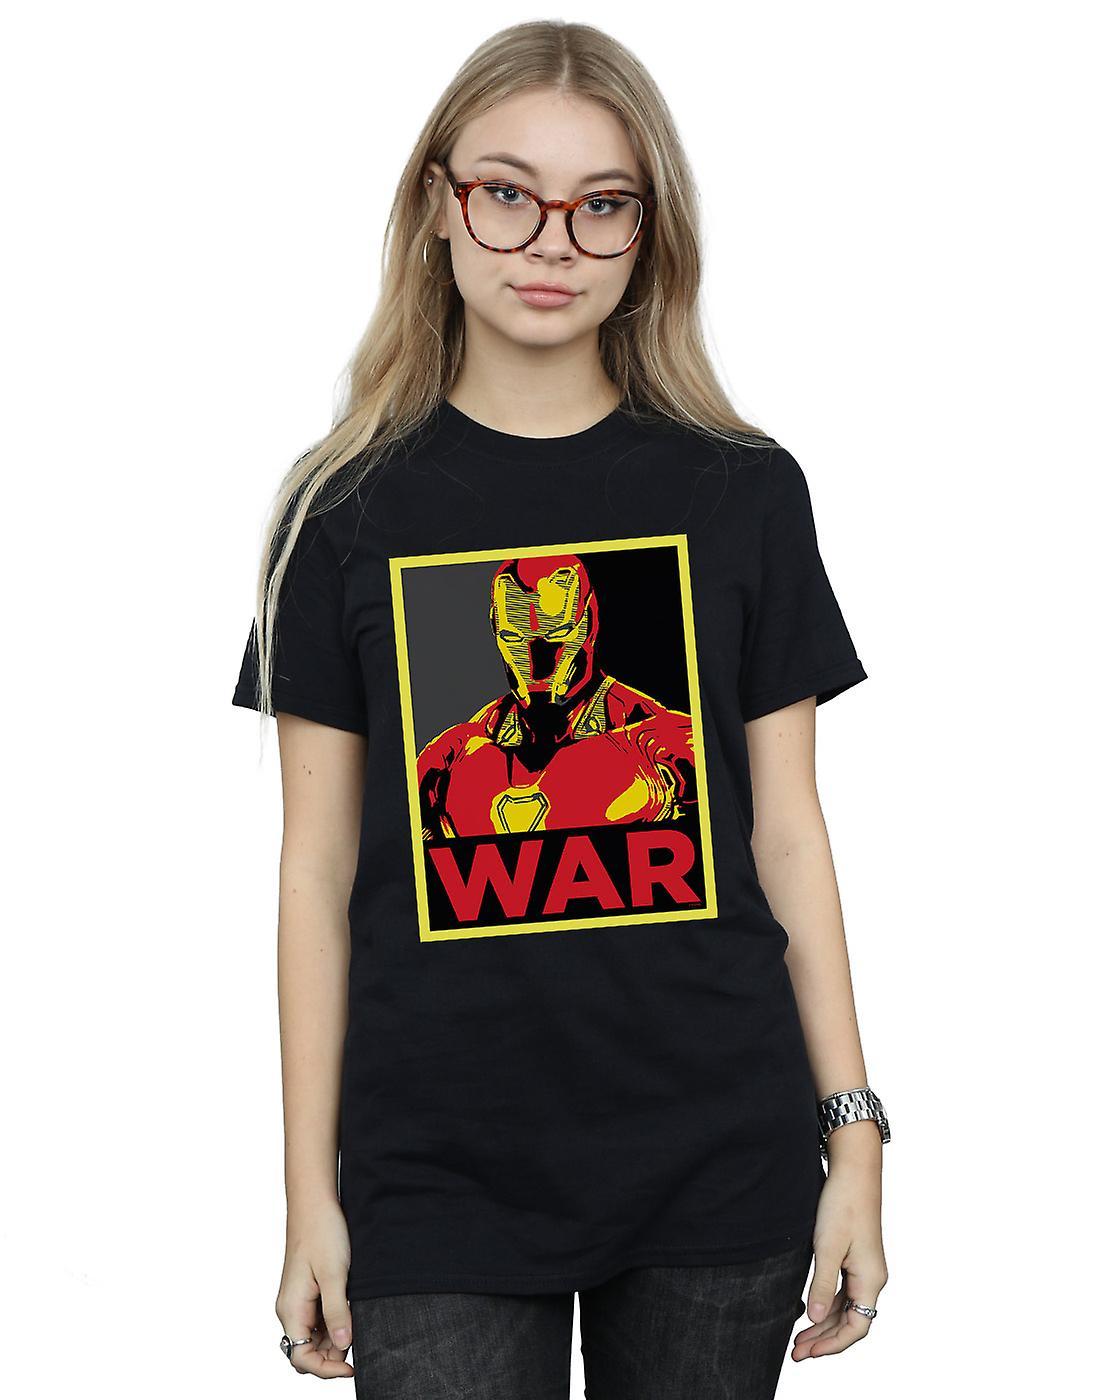 Marvel Women's Avengers Infinity War Iron Man War Boyfriend Fit T-Shirt